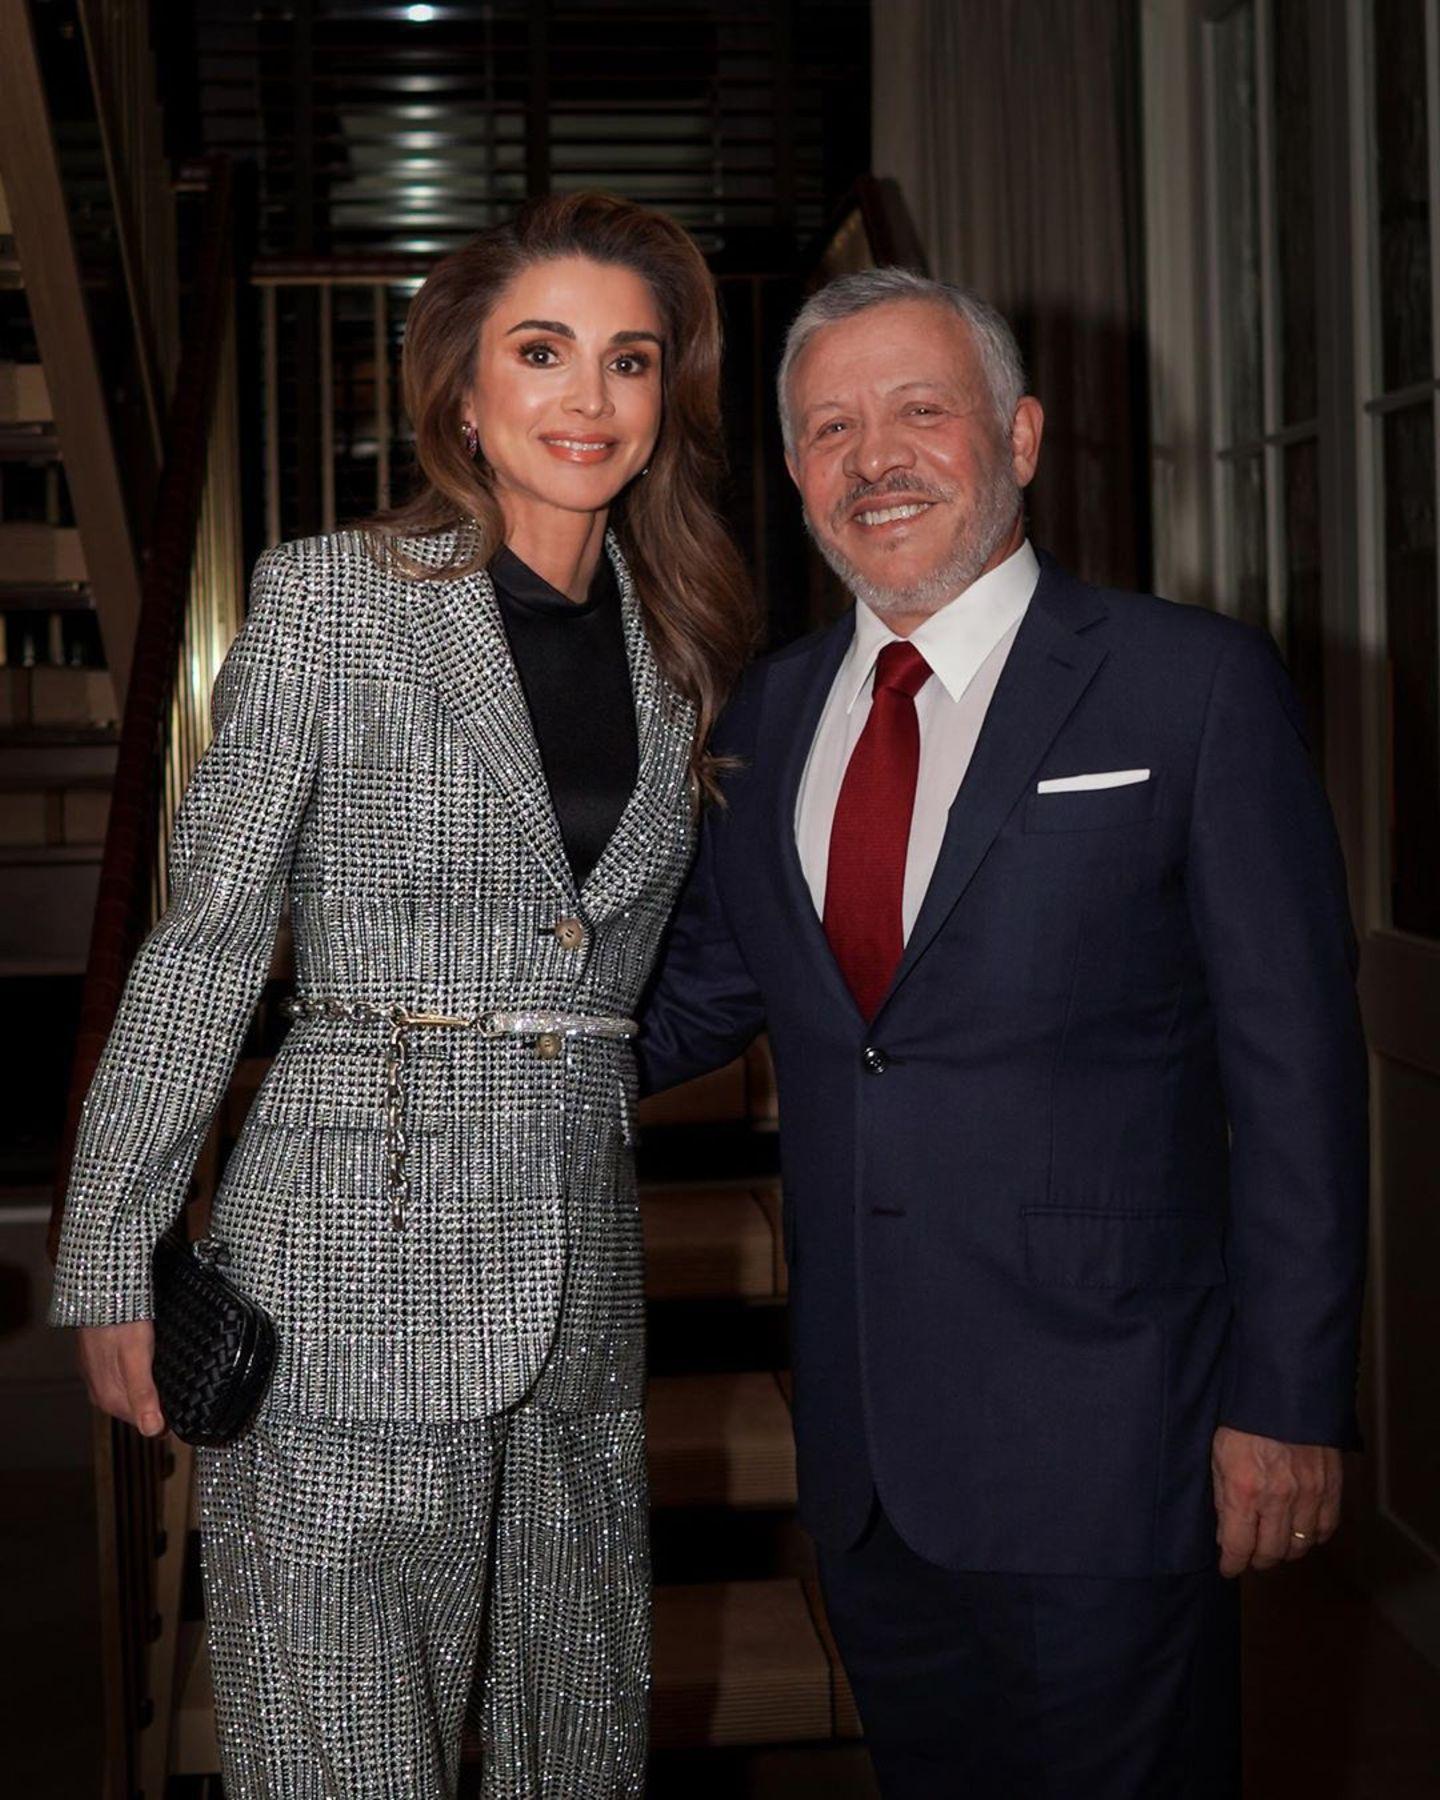 Für einen Termin in New York wirft sich Königin Rania in Schale. Sie trägt einen karierten Glitzer-Anzug. Mit einem dünnen Gürtel betont sie ihre schmale Taille. Zu ihrem auffälligen Look kombiniert sie natürliches Make-up und offene Haare.